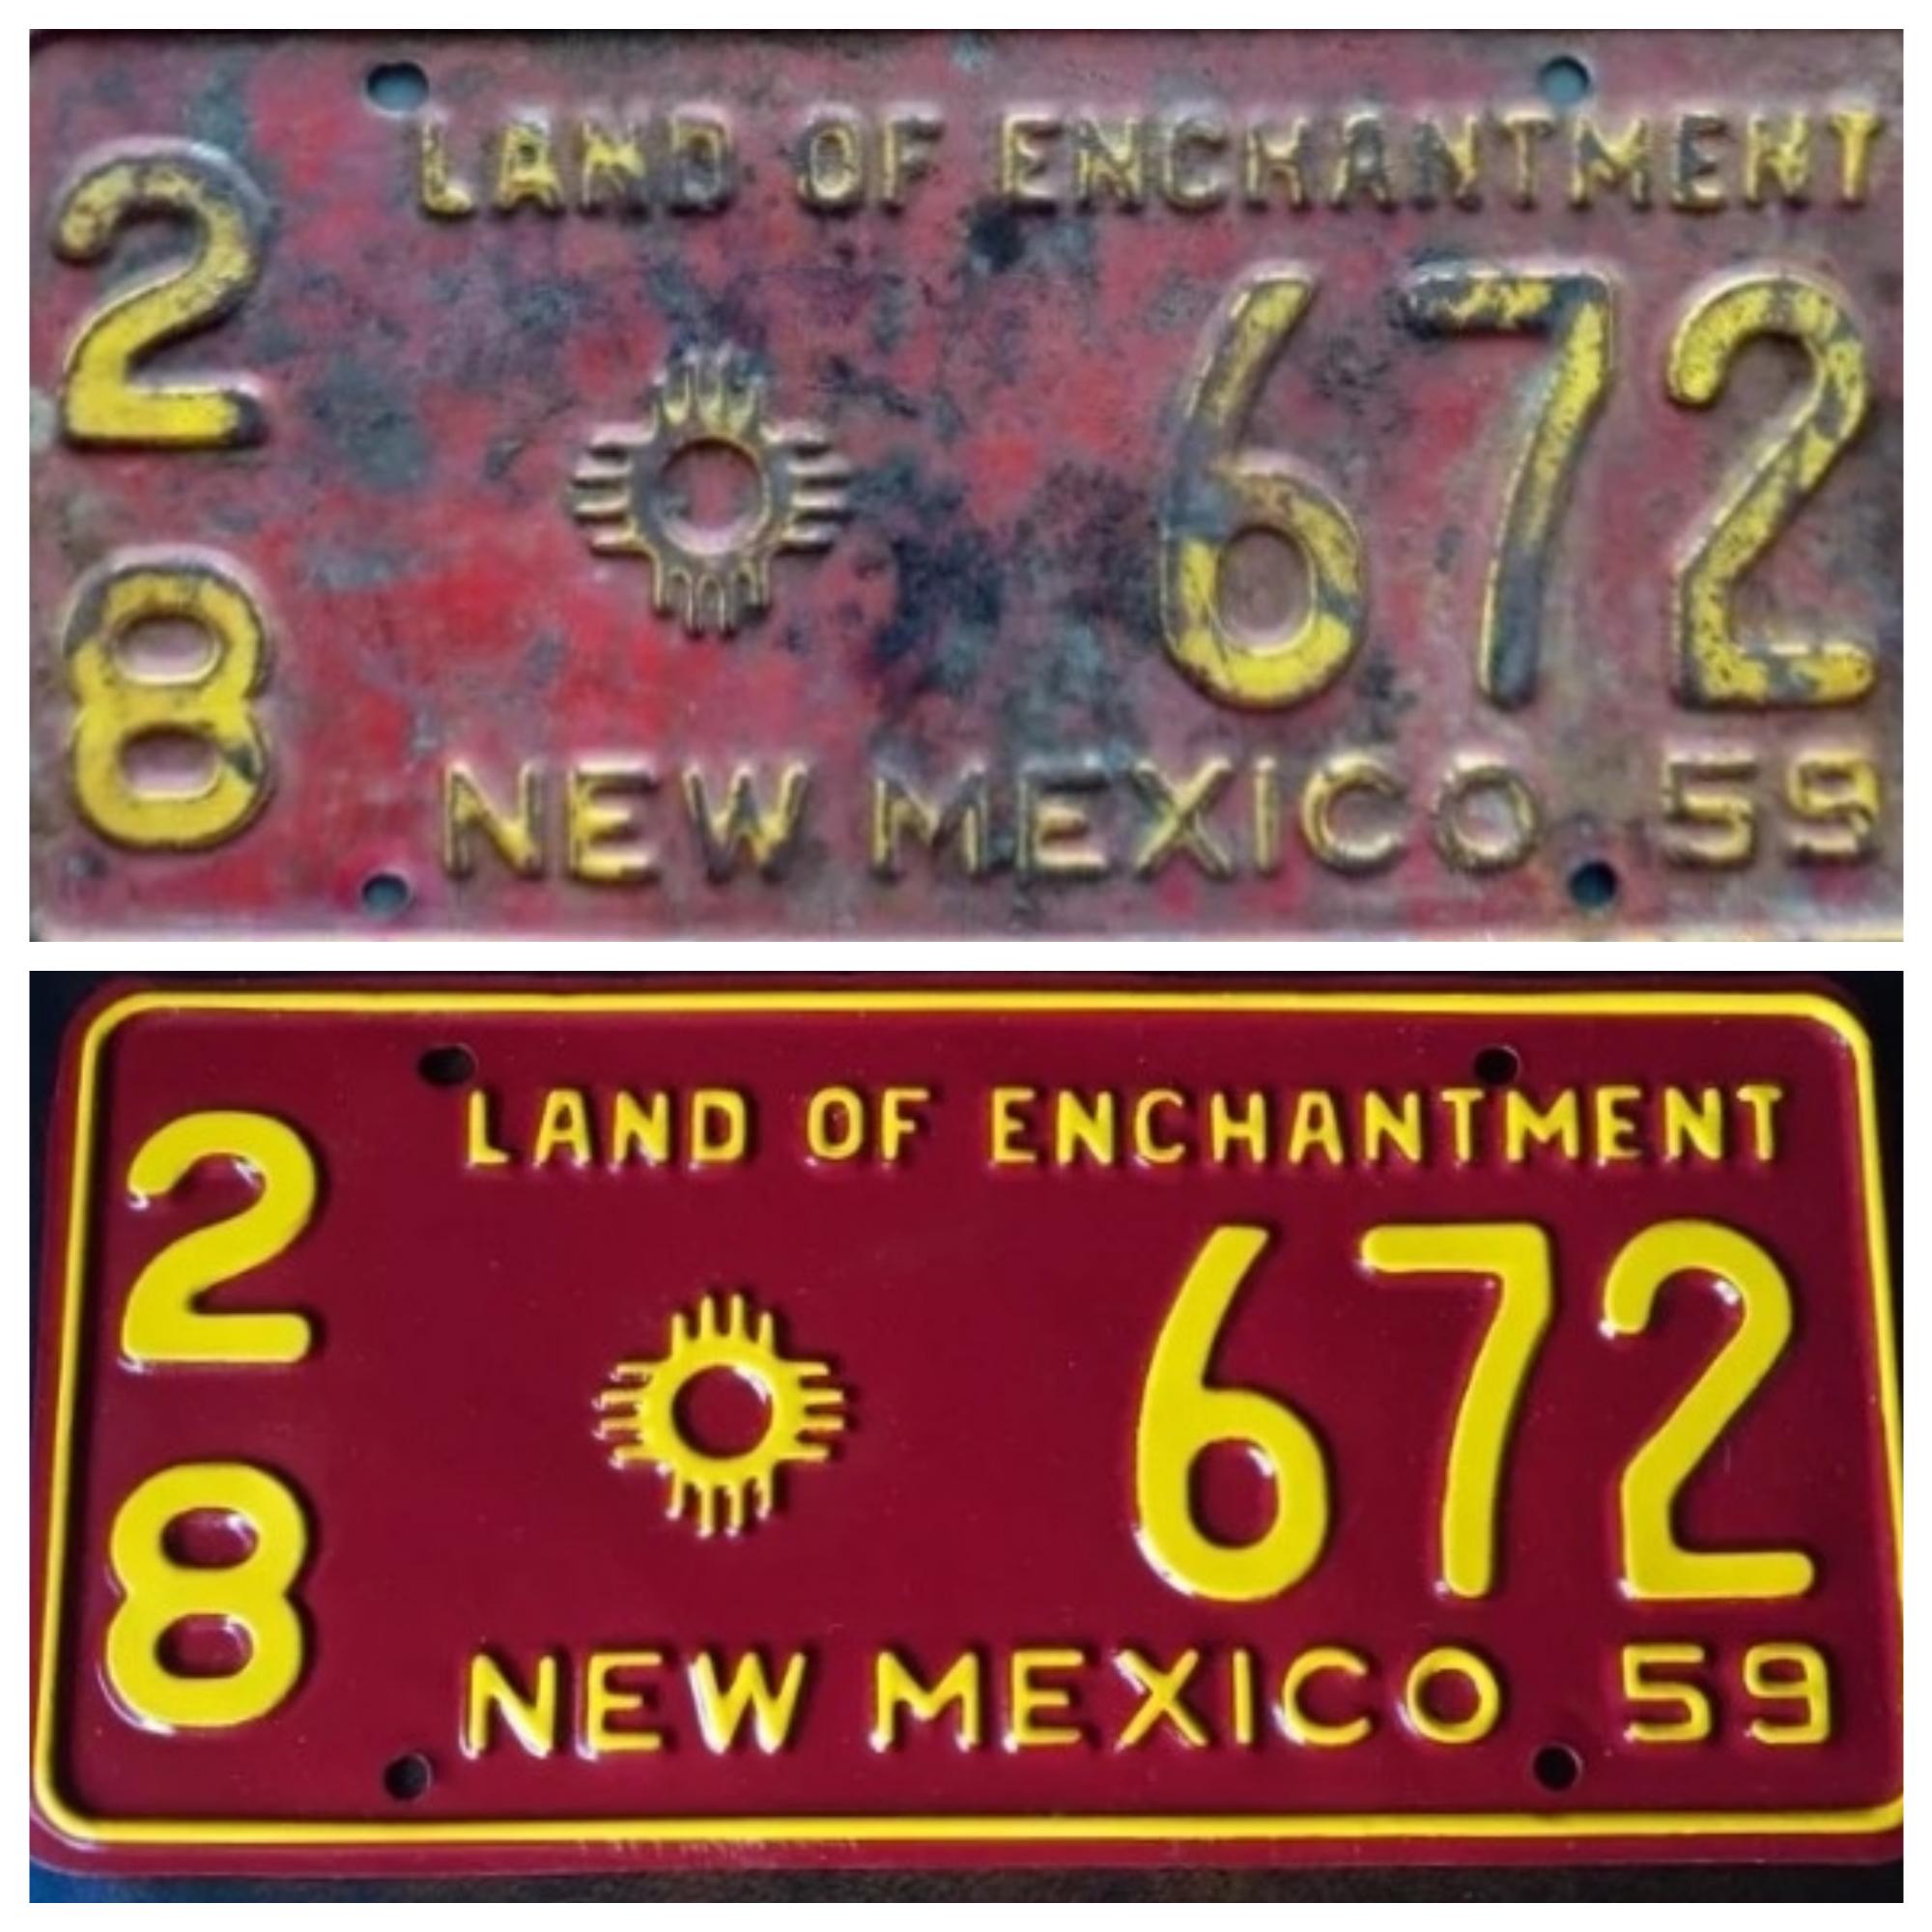 '59 New Mexico